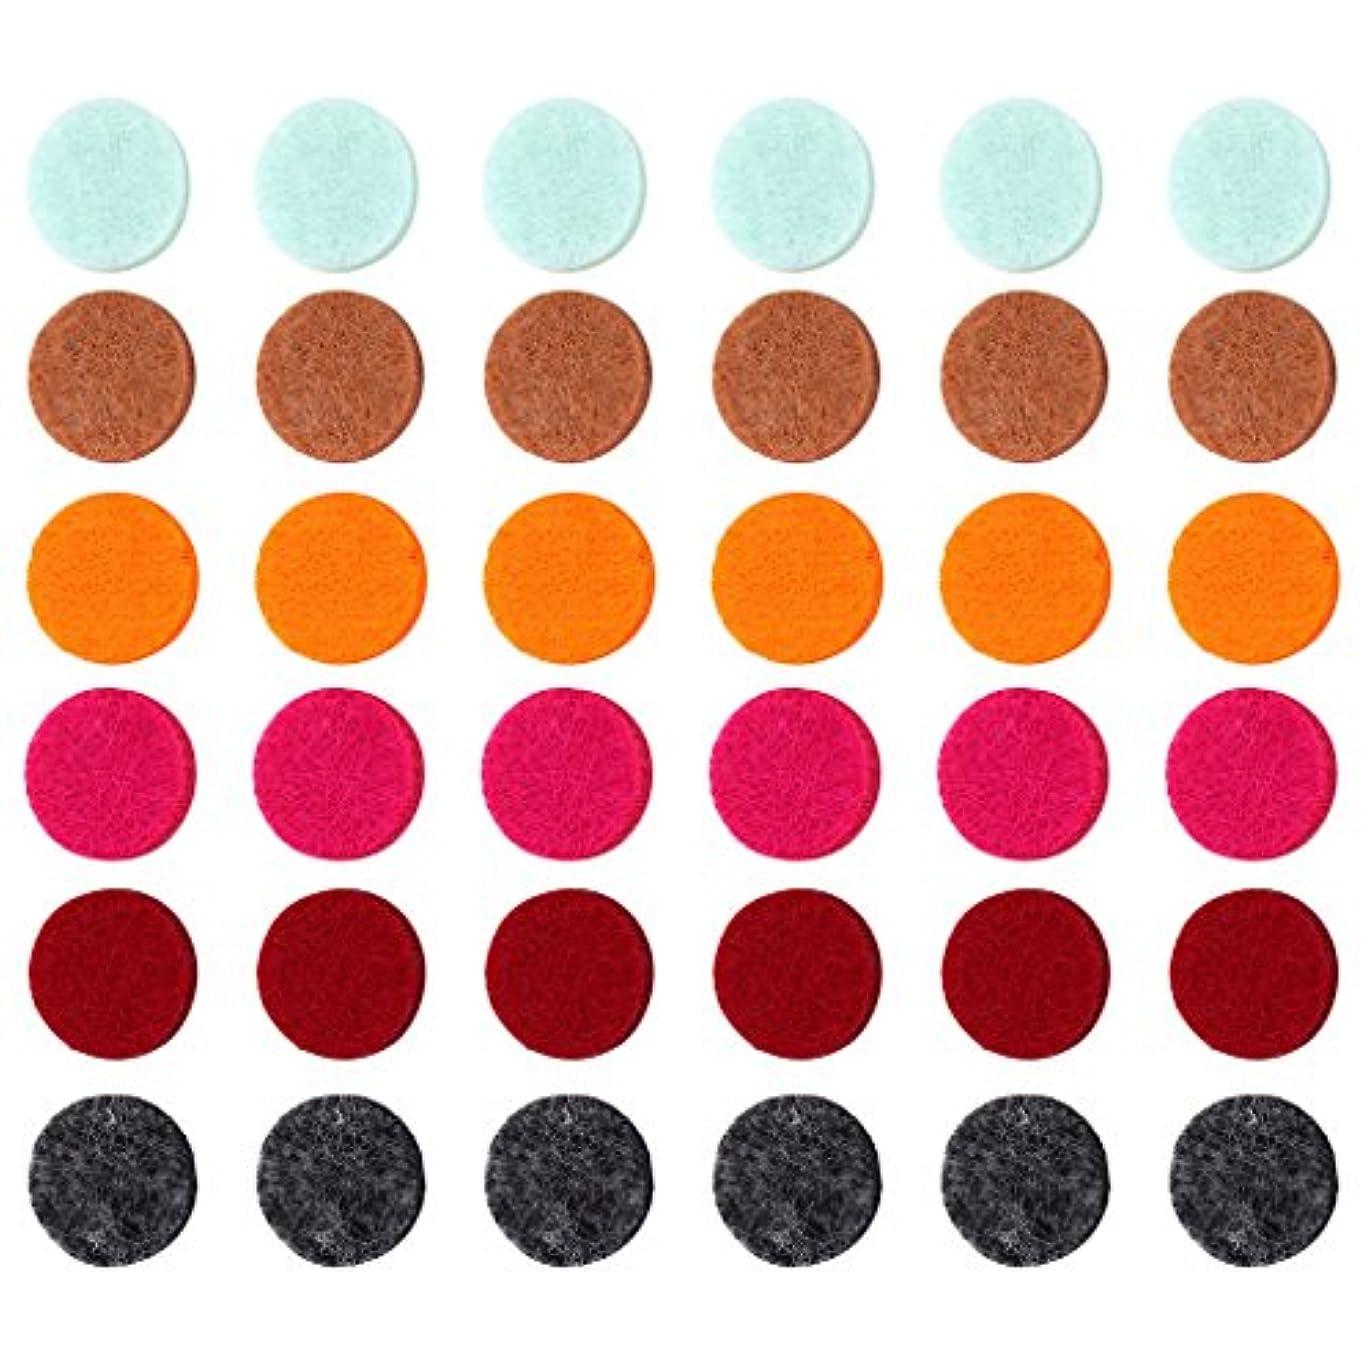 タイヤモーター逮捕ZYsta 36個Refill Pads for Aromatherapy Essential Oil Diffuserロケットネックレス、交換用パッド: Thickened/洗濯可能/高吸水性のアロマディフューザーペンダント